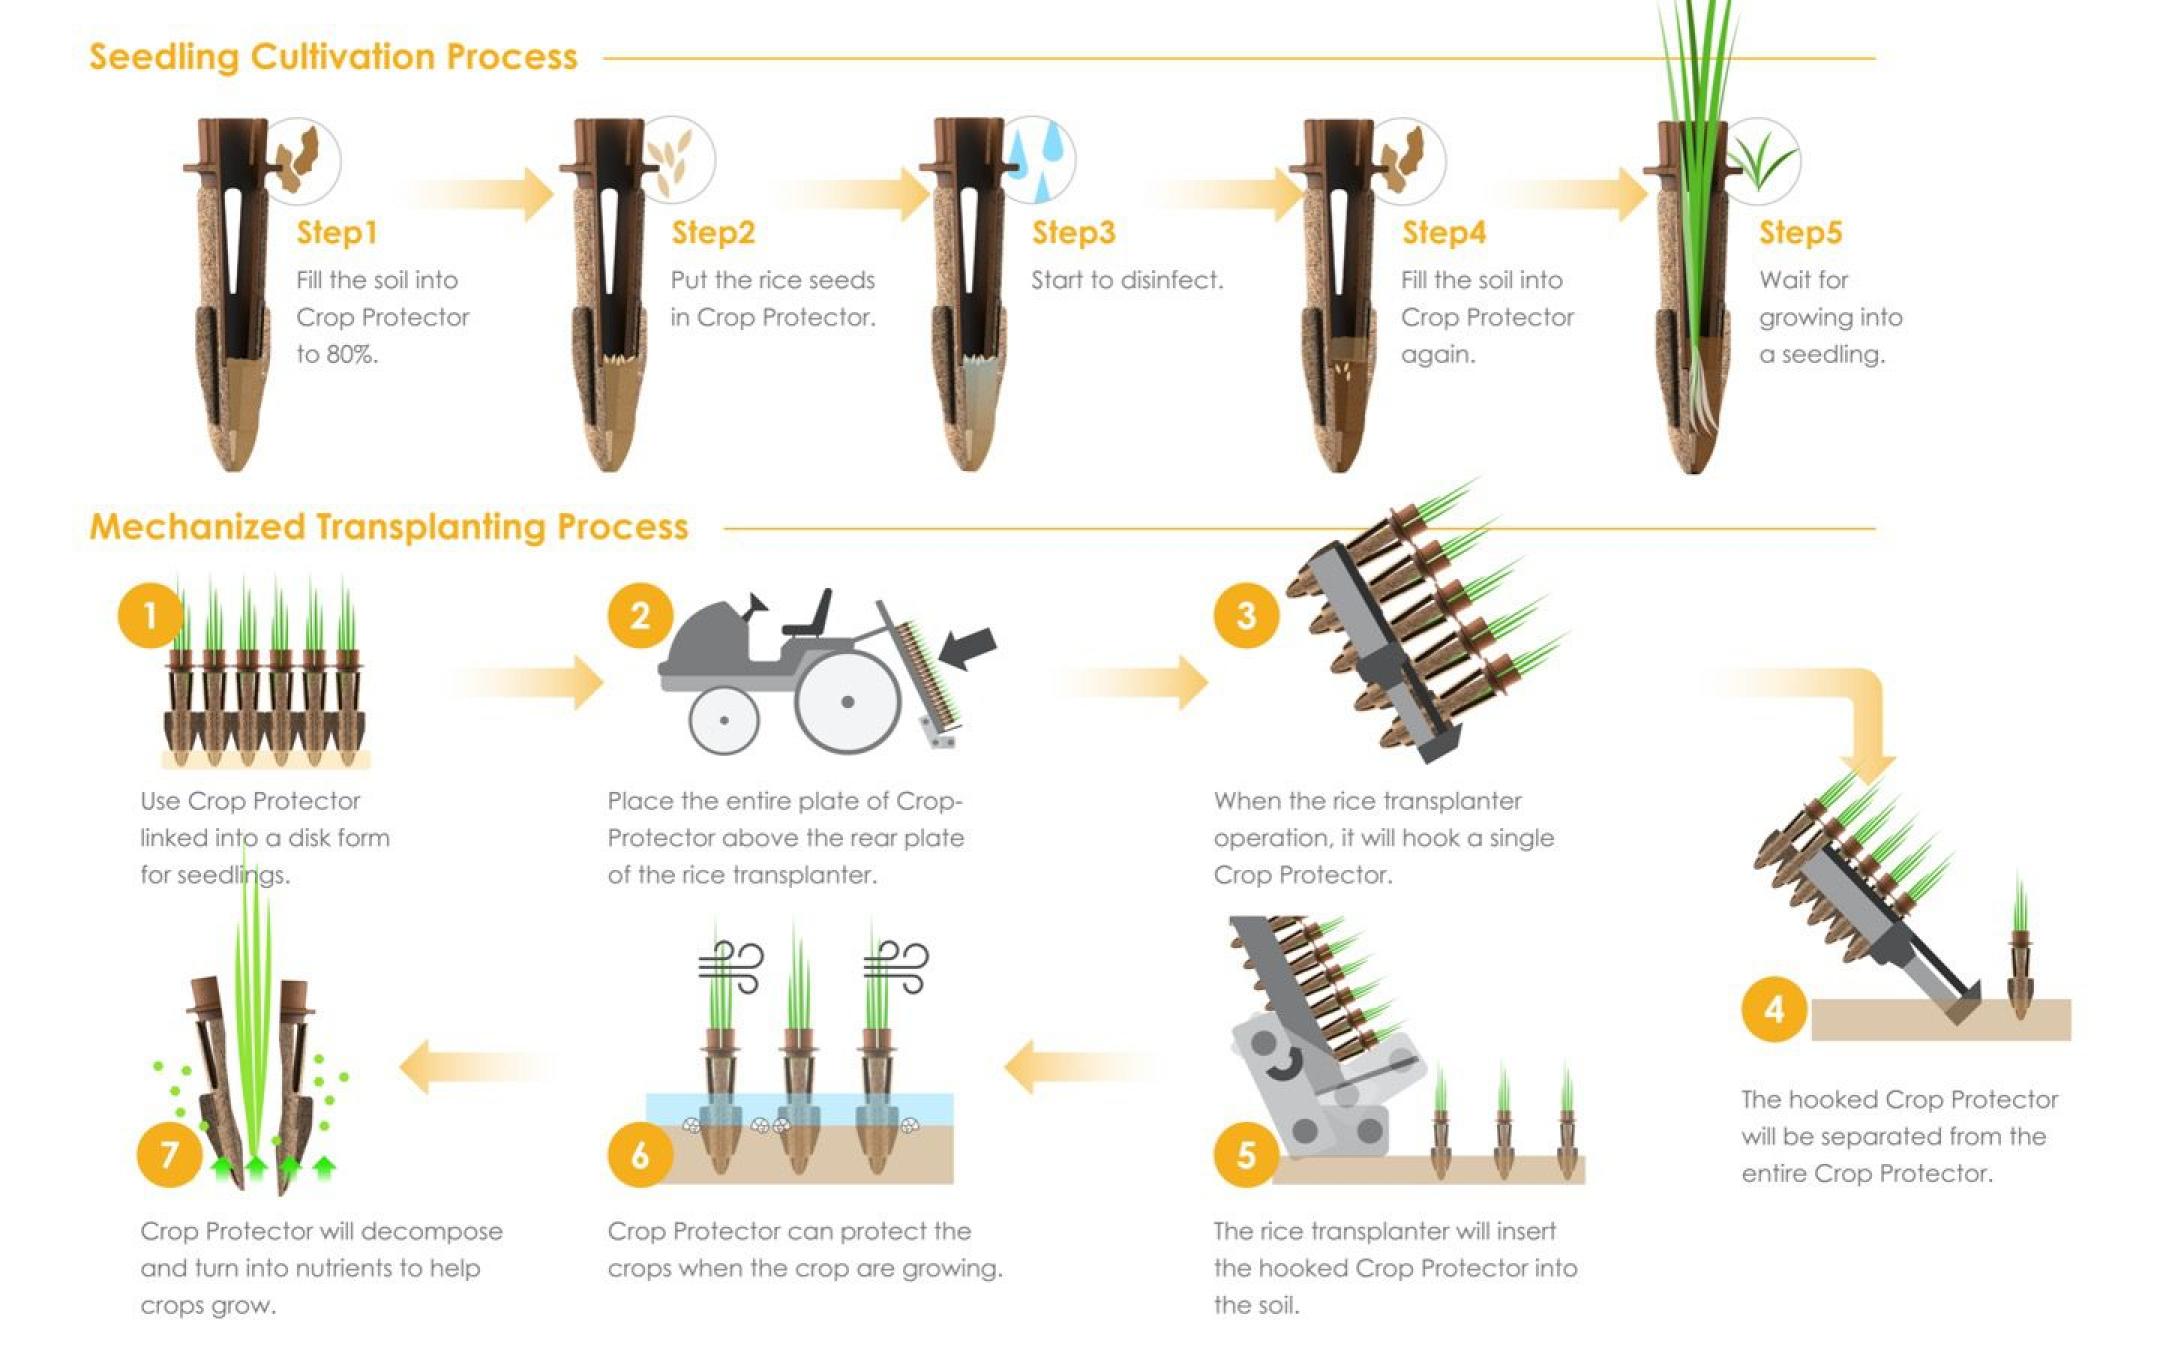 秧苗固樁釘